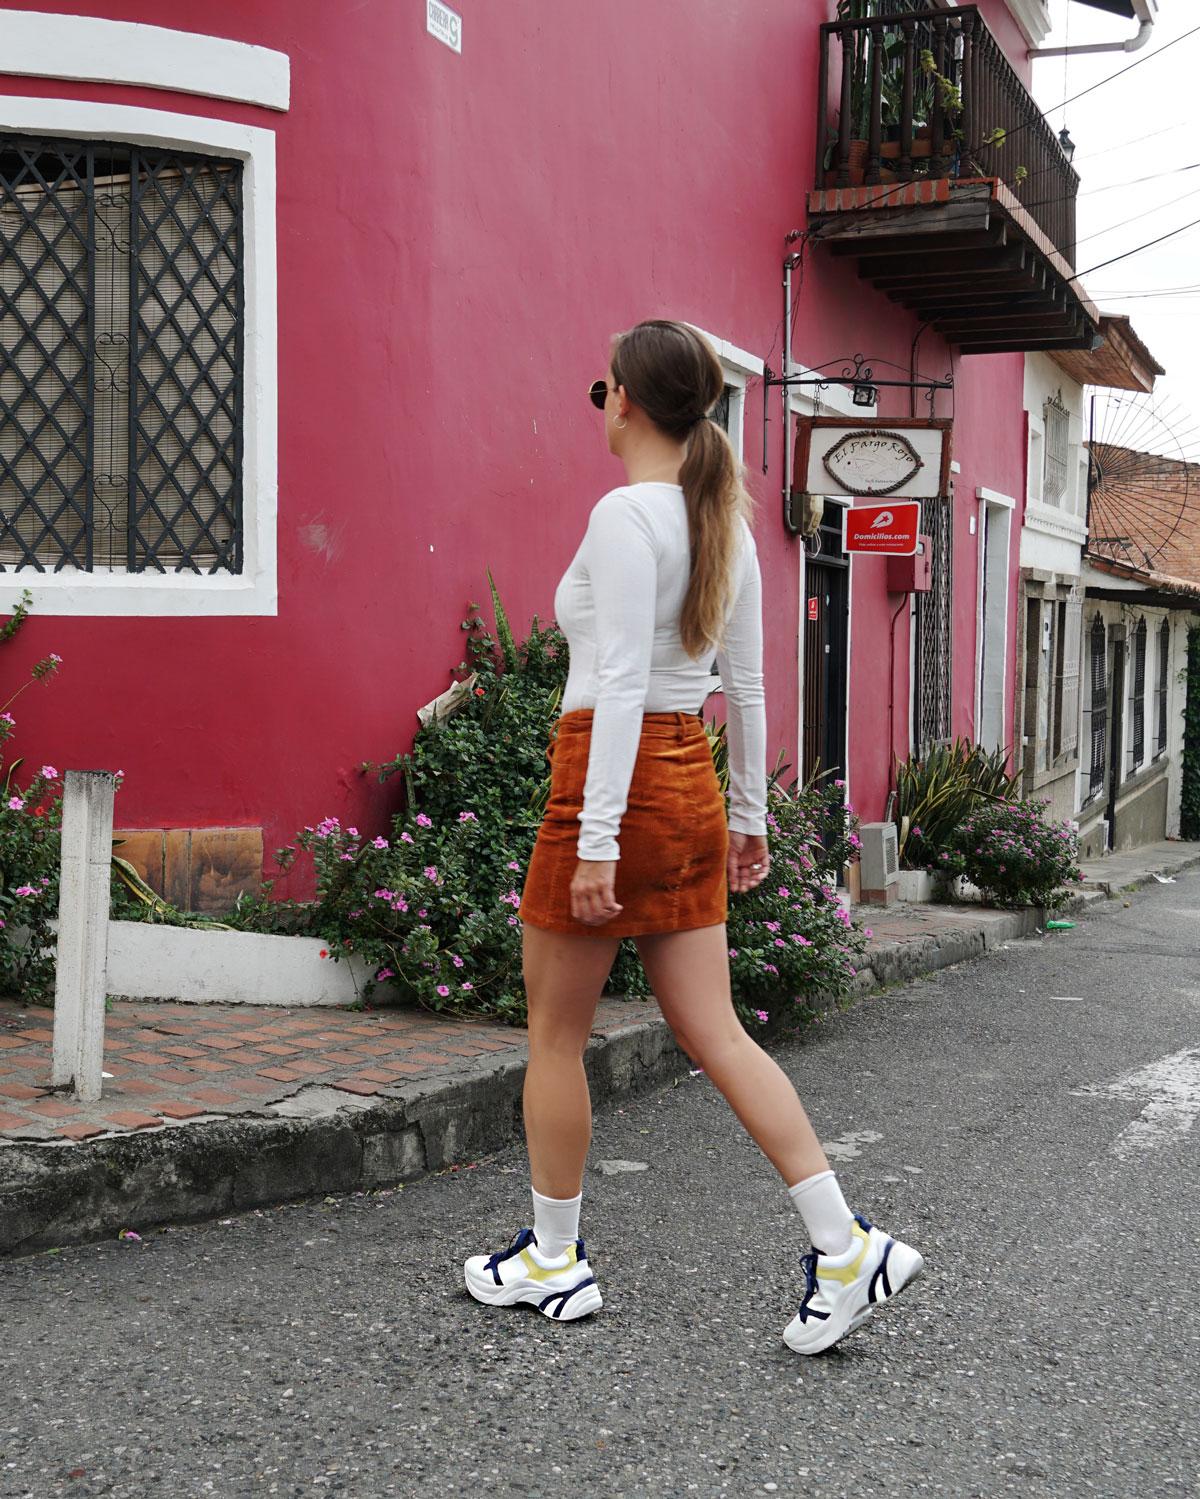 Ein brauner Minirock aus Cord mit weissen Plateau-Sneakers und einem weissen Body.